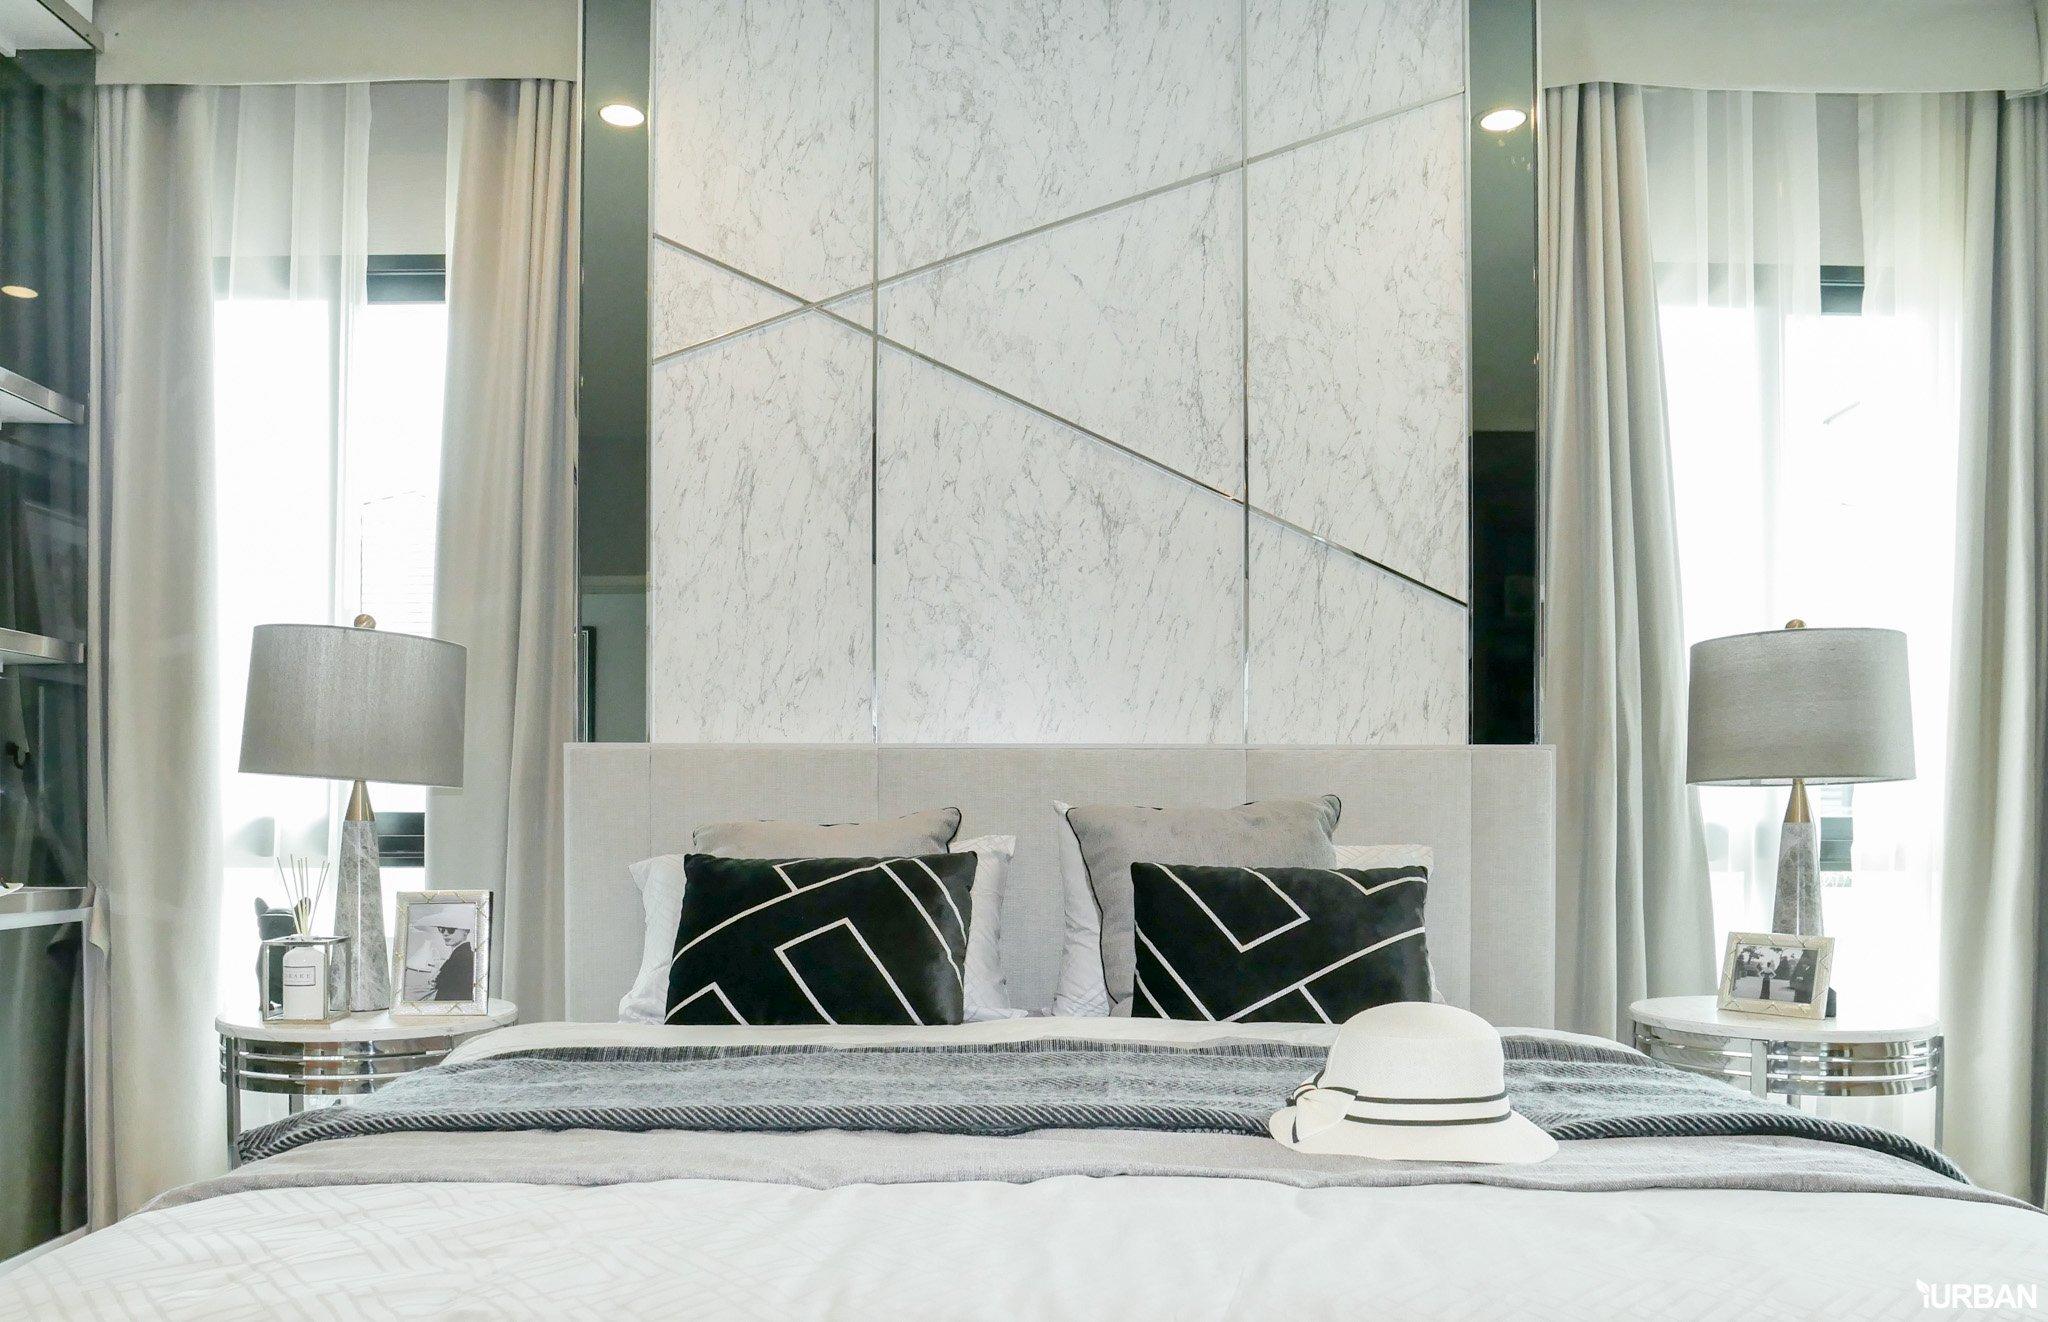 AIRI แอริ พระราม 2 บ้านเดี่ยว 4 ห้องนอน ออกแบบโปร่งสบายด้วยแนวคิดผสานการใช้ชีวิตกับธรรมชาติ 41 - Ananda Development (อนันดา ดีเวลลอปเม้นท์)